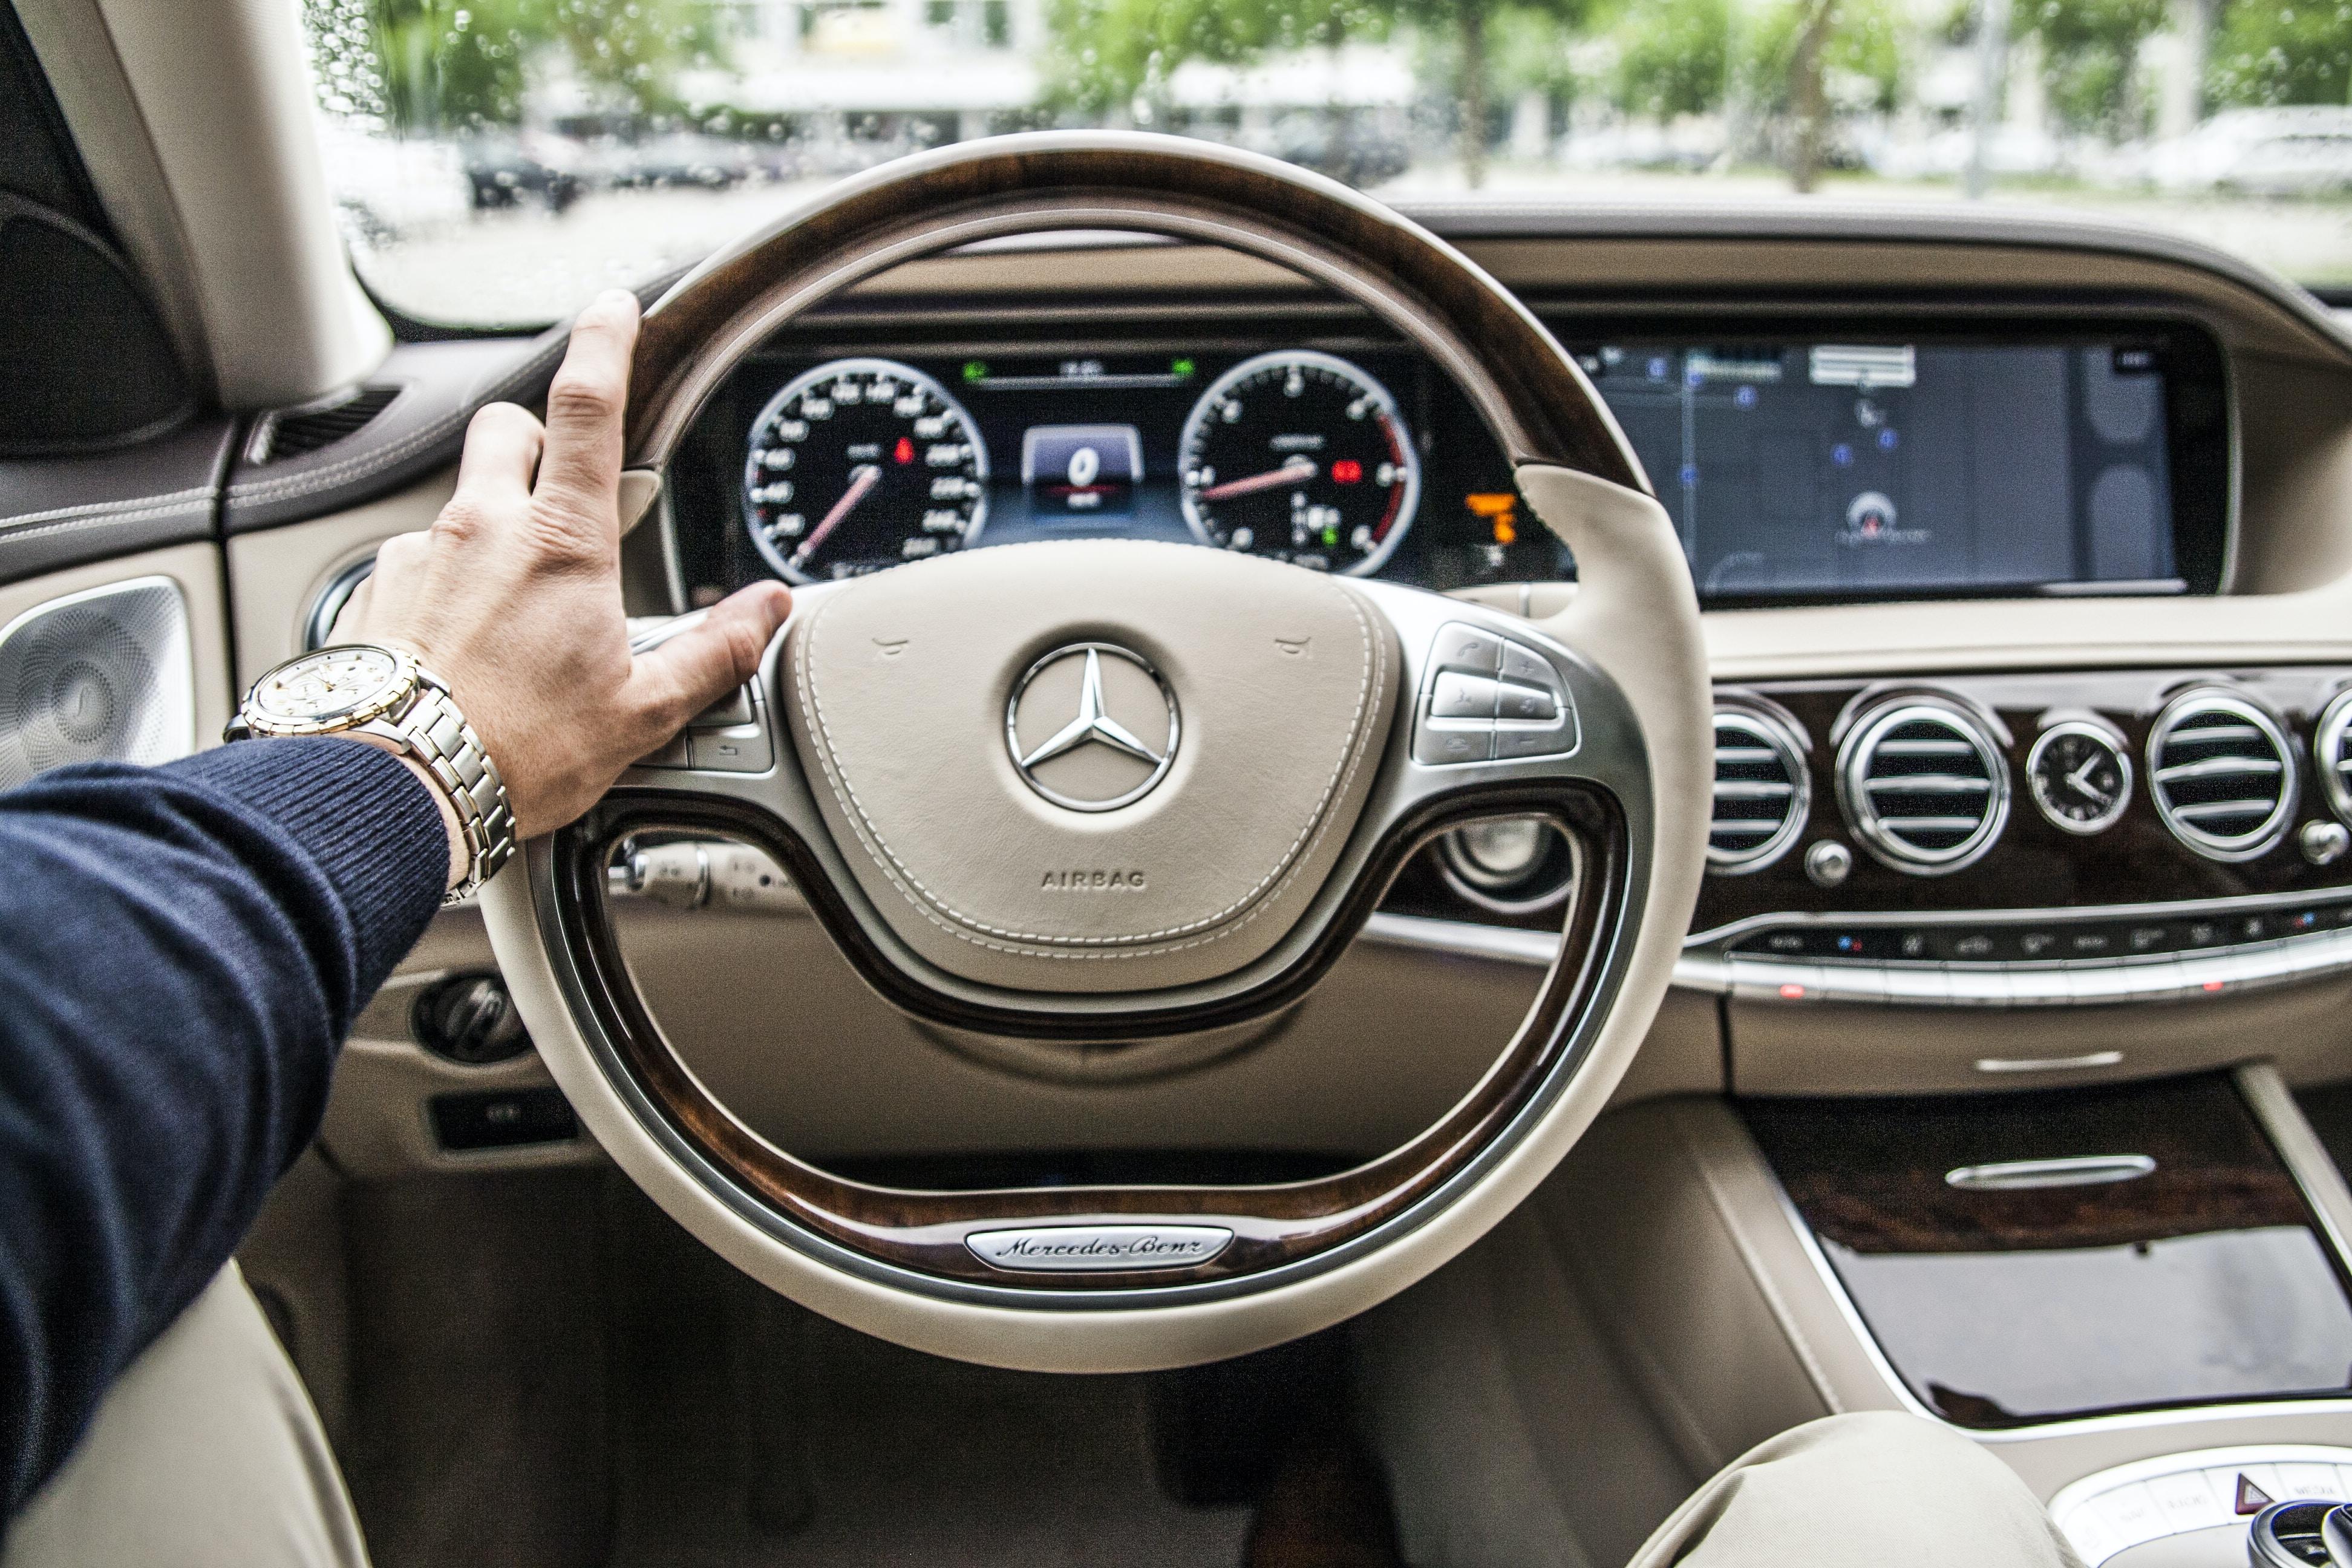 Driving a Mercedes